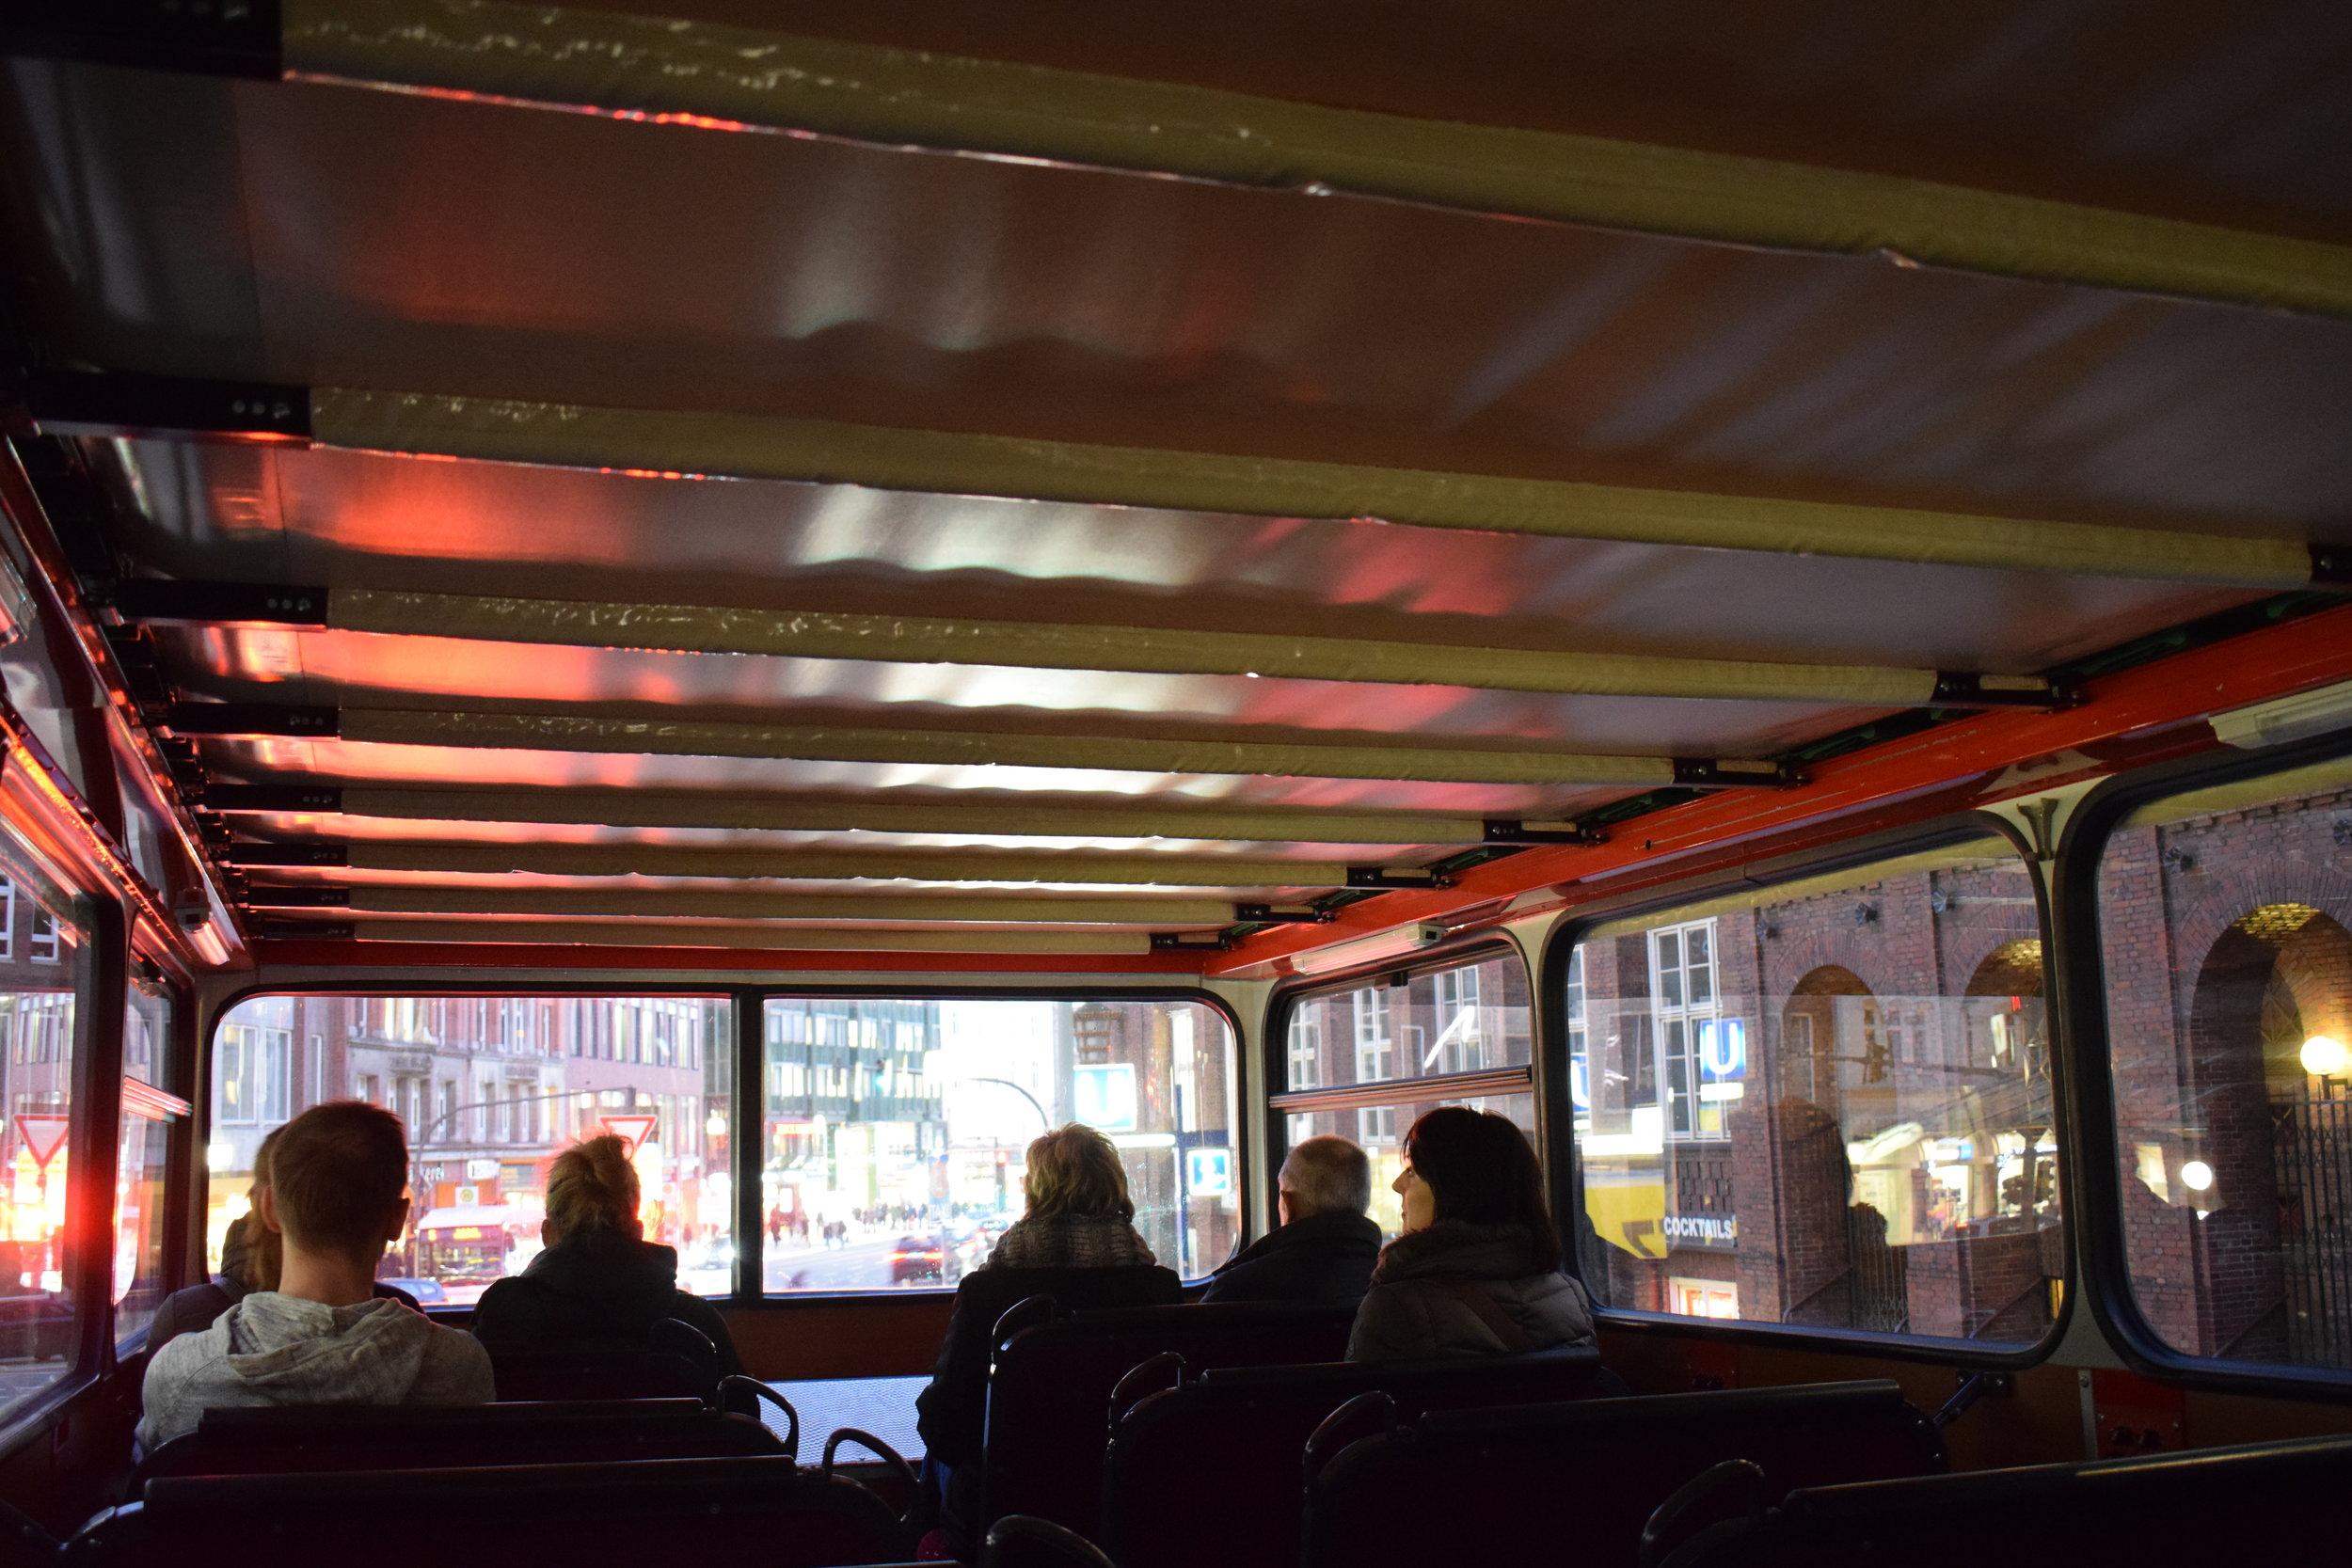 Stadtrundfahrt-Tour-Bus-Hamburg-Inside